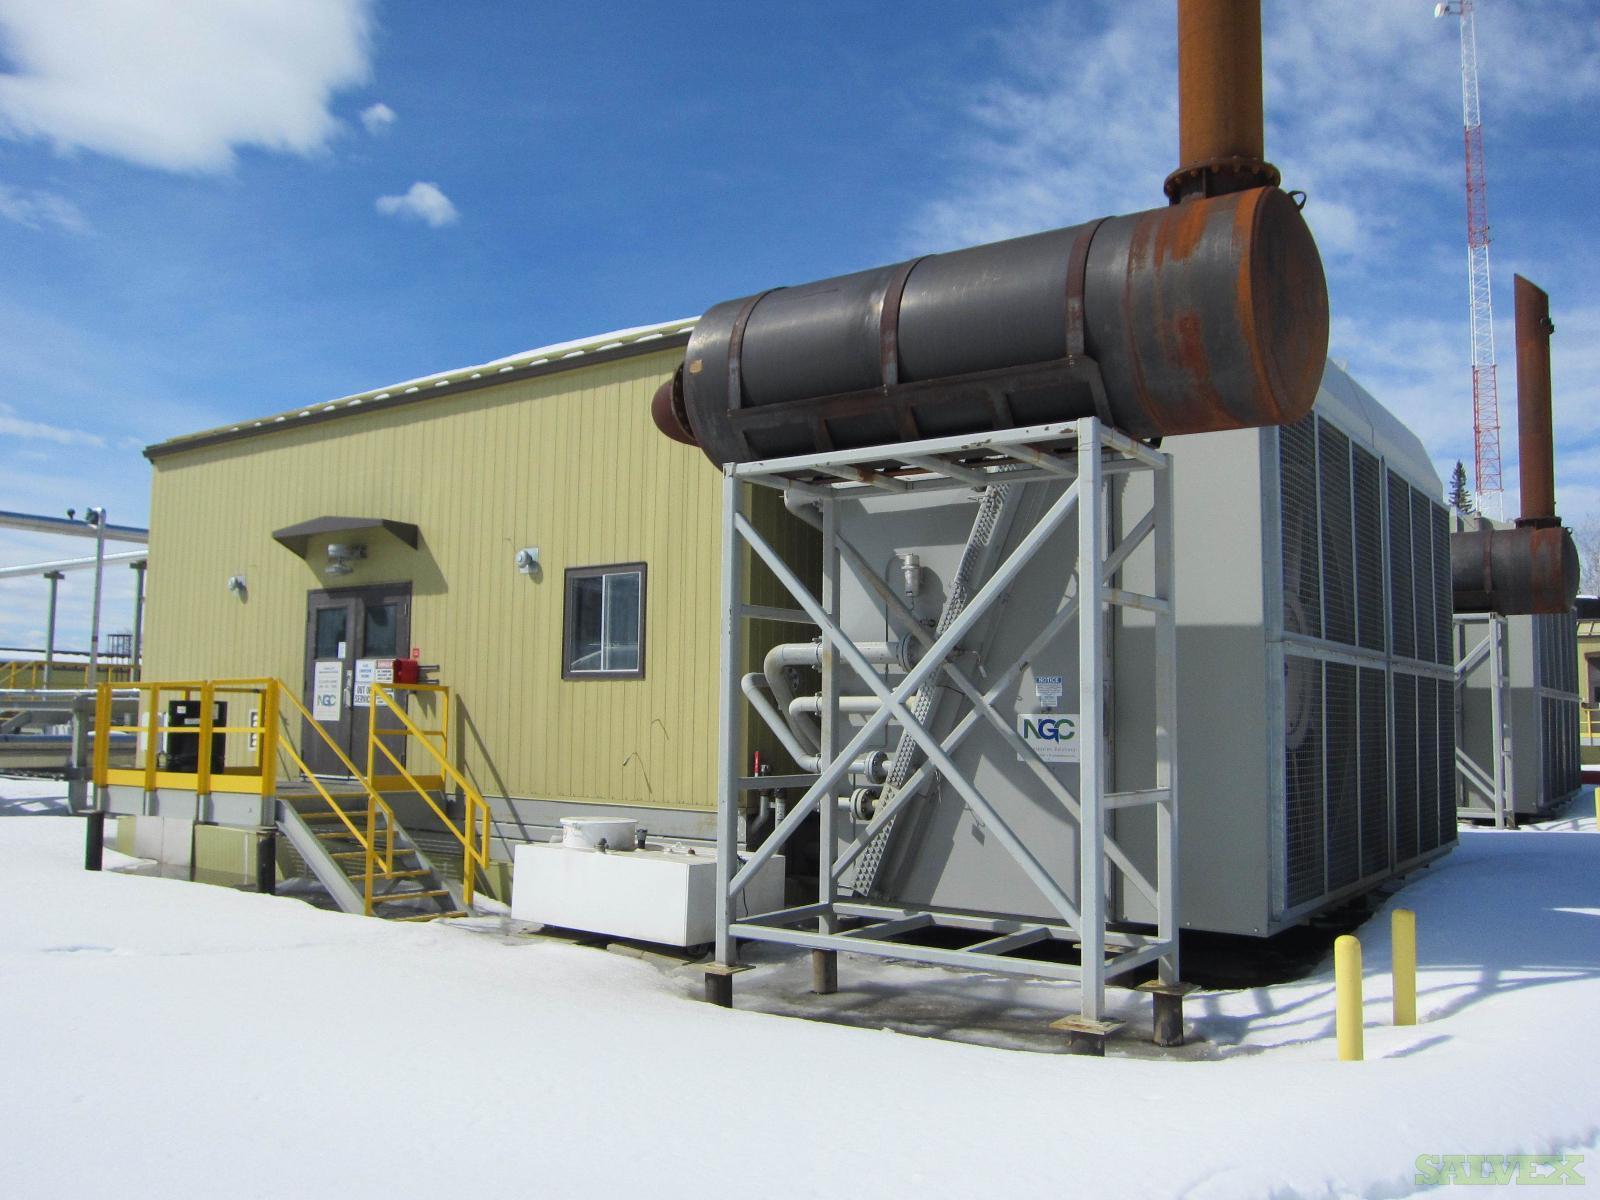 1,280 hp Waukesha L5774LT Ariel JGK/4 Reciprocating Compressor